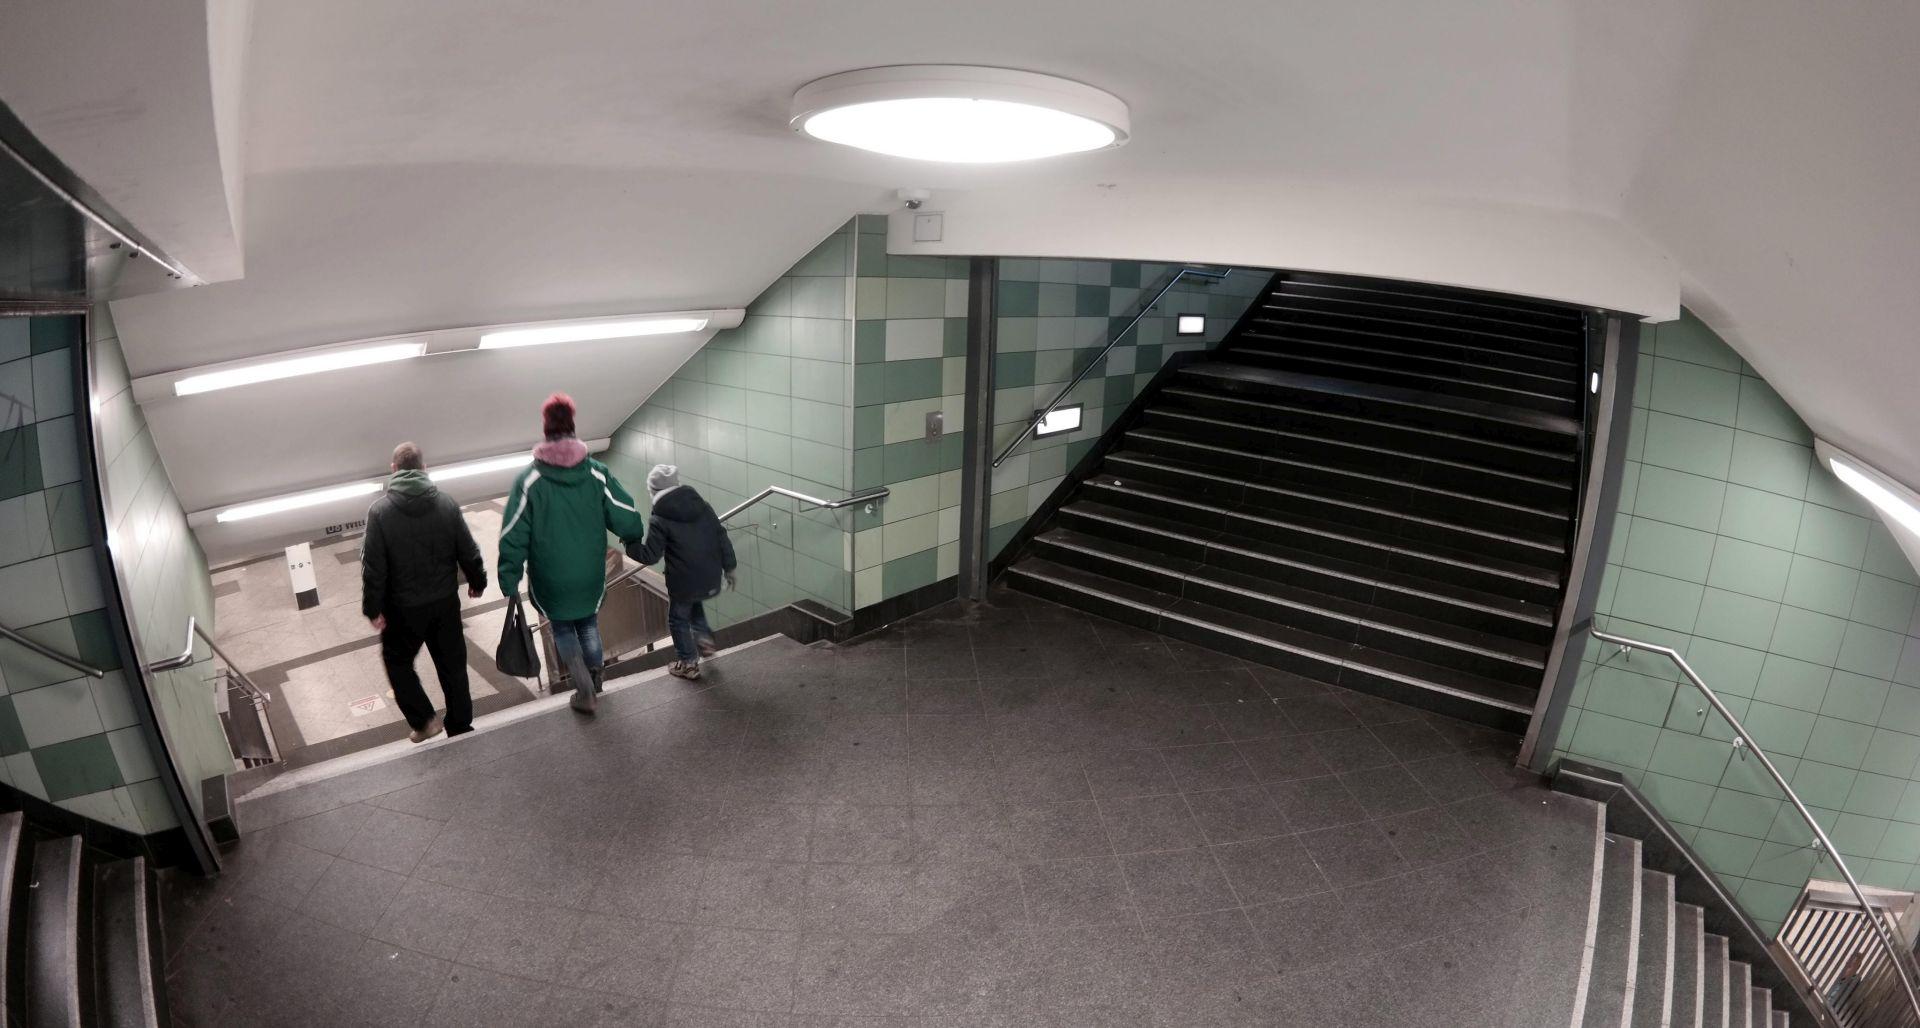 Uhićen napadač iz berlinske podzemne željeznice